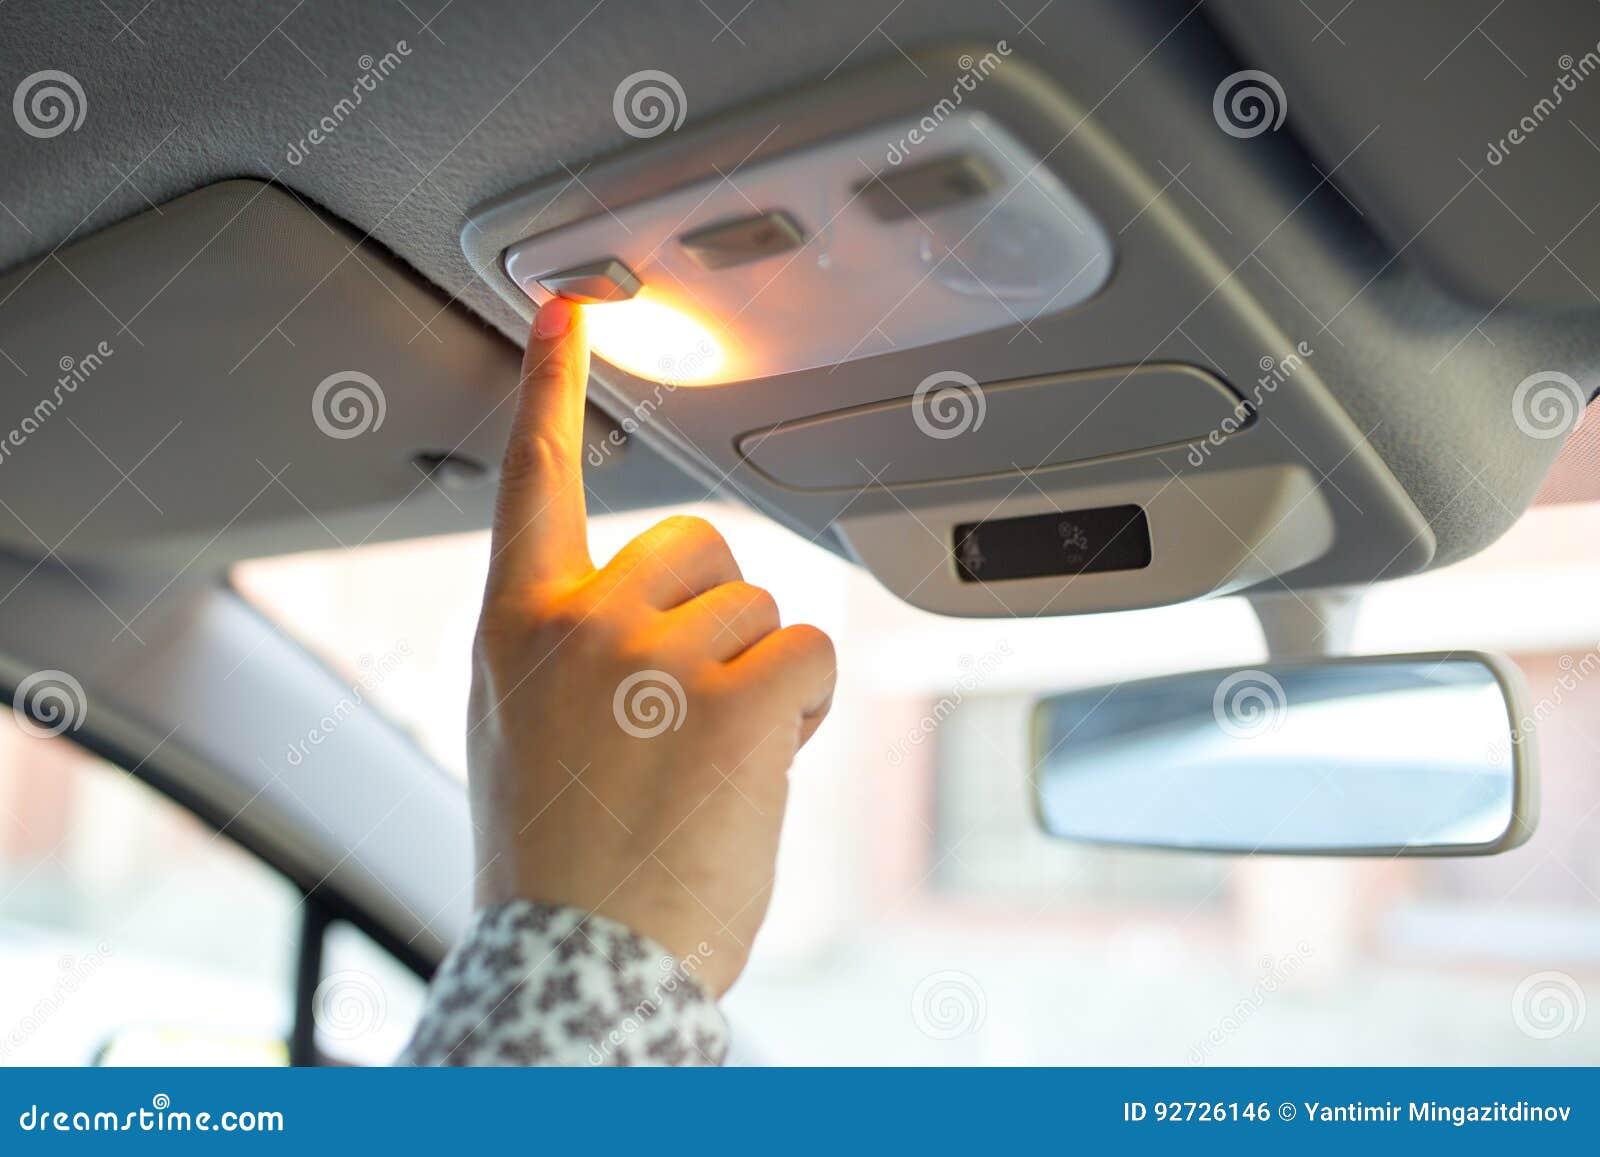 O homem gerencie sobre a luz no teto no carro